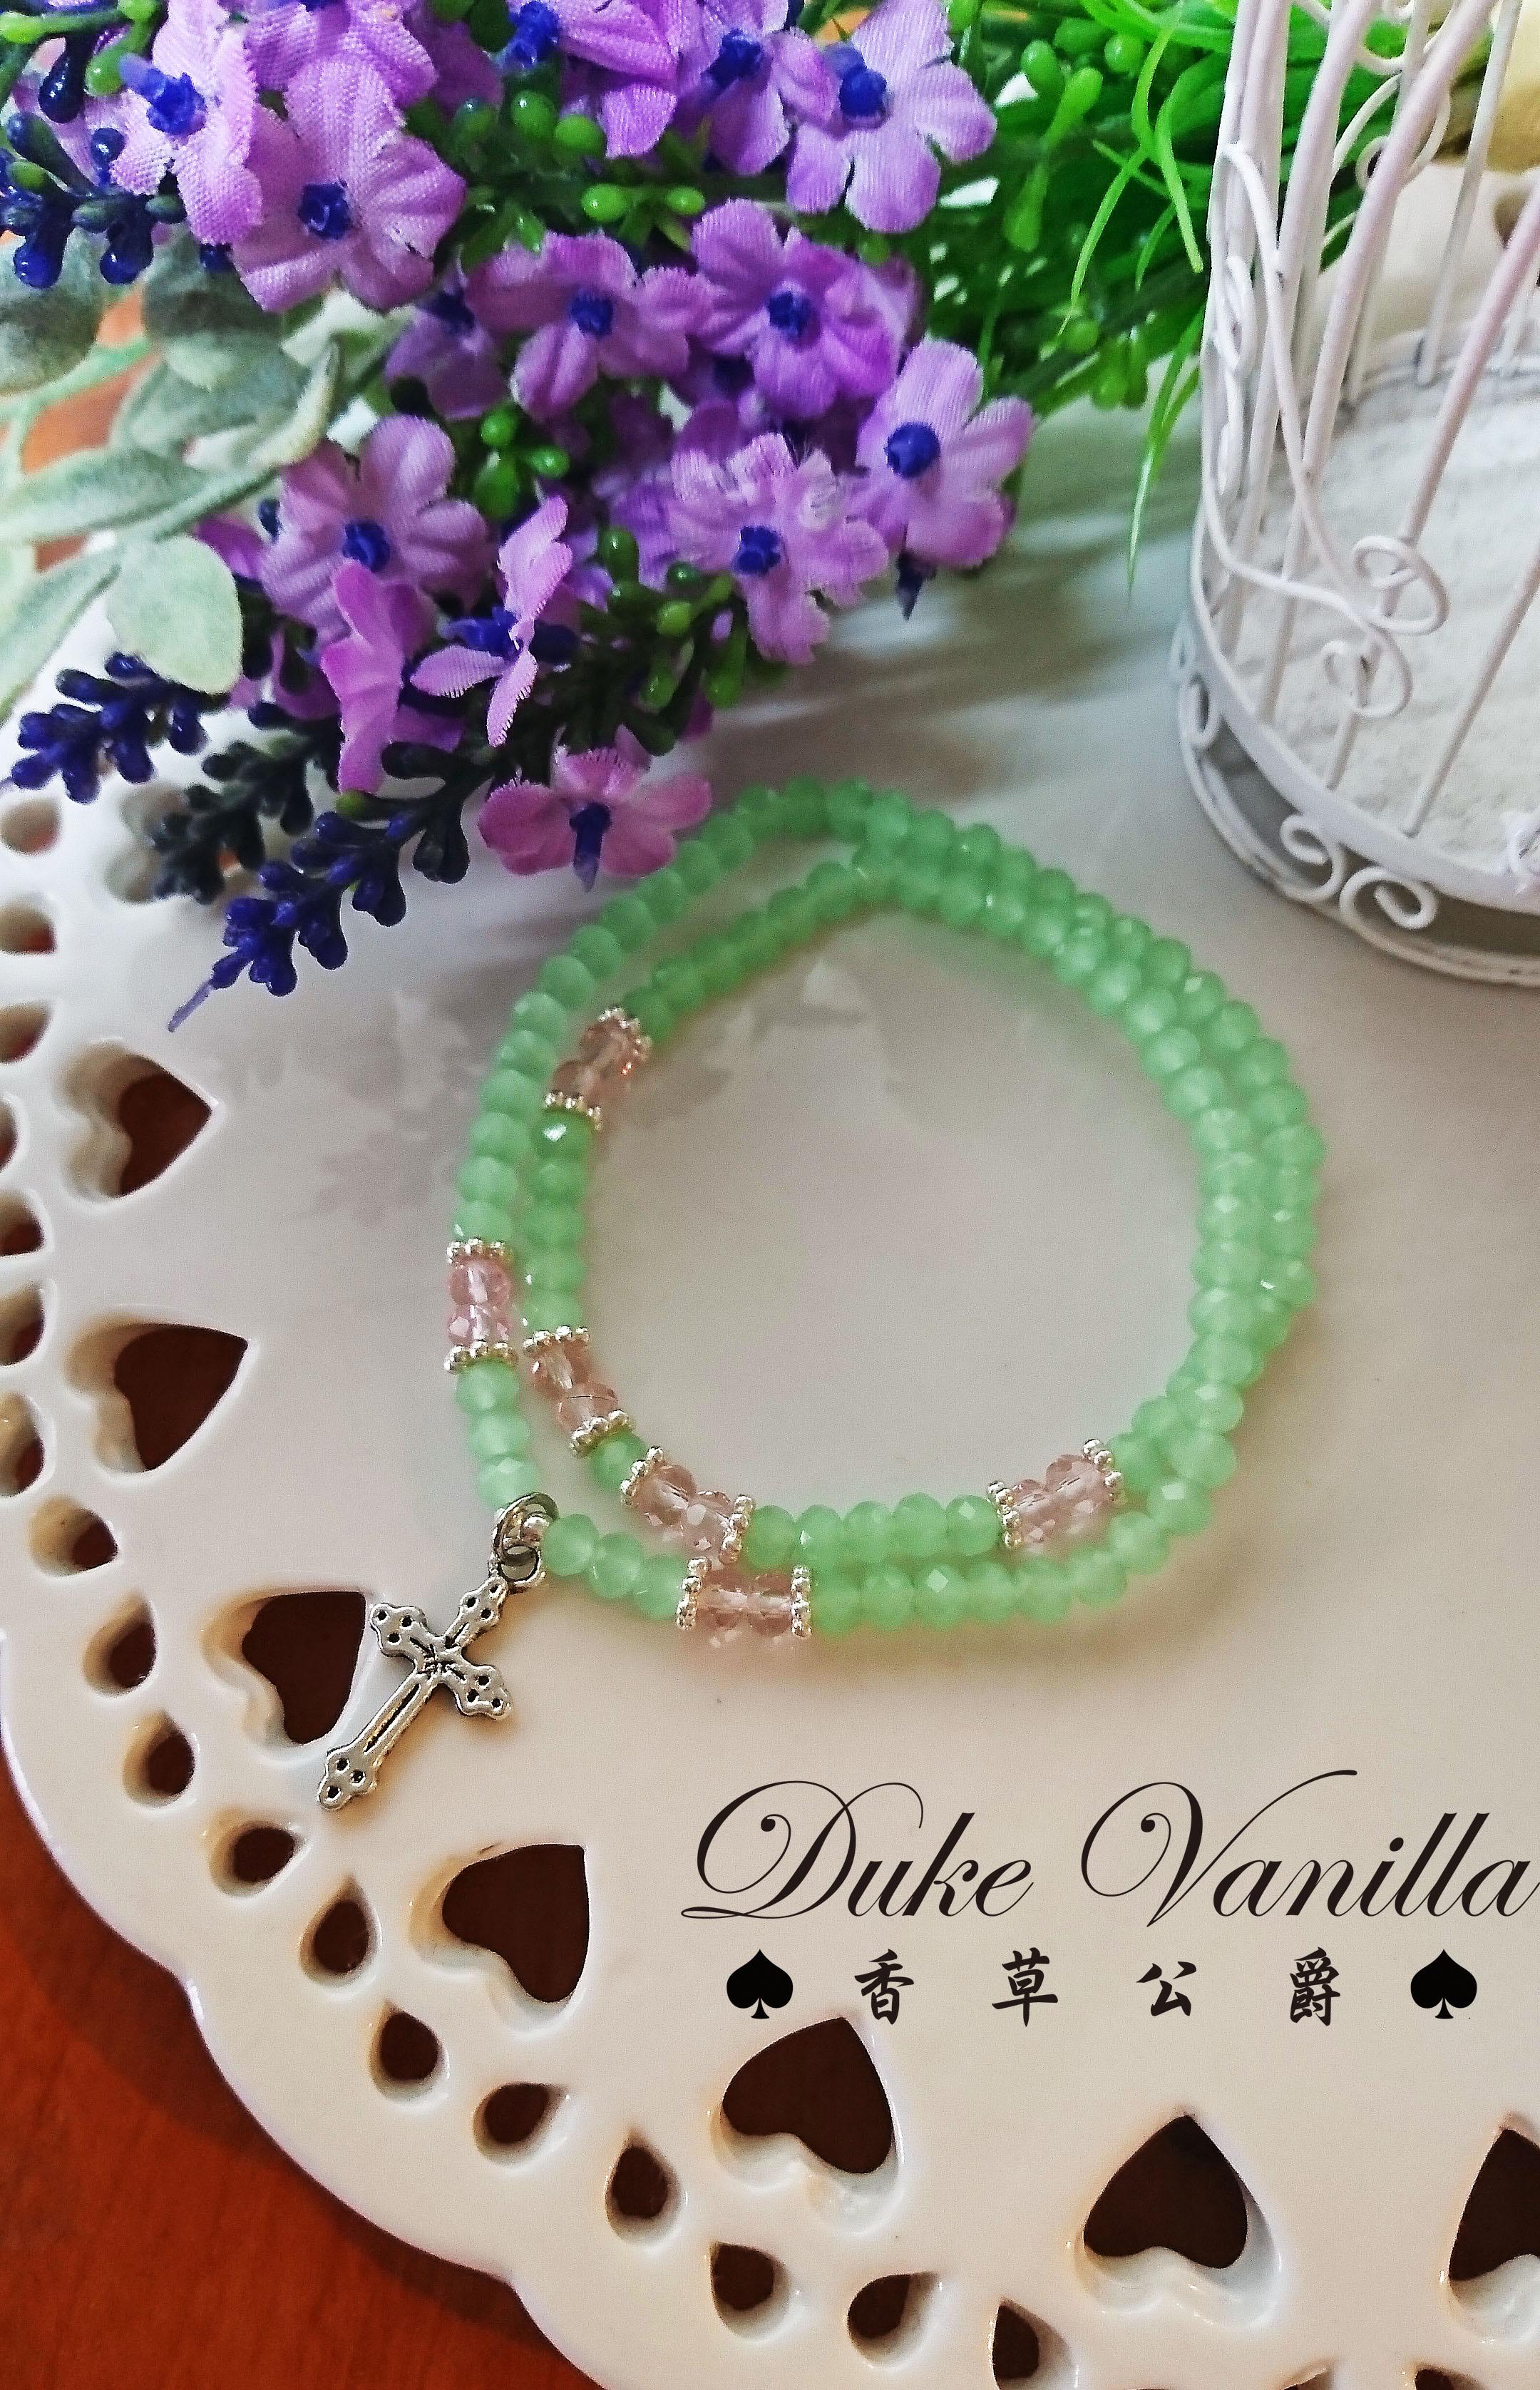 最長的一日*嫩綠彩珠雙圈手環 - Duke Vanilla 香草公爵